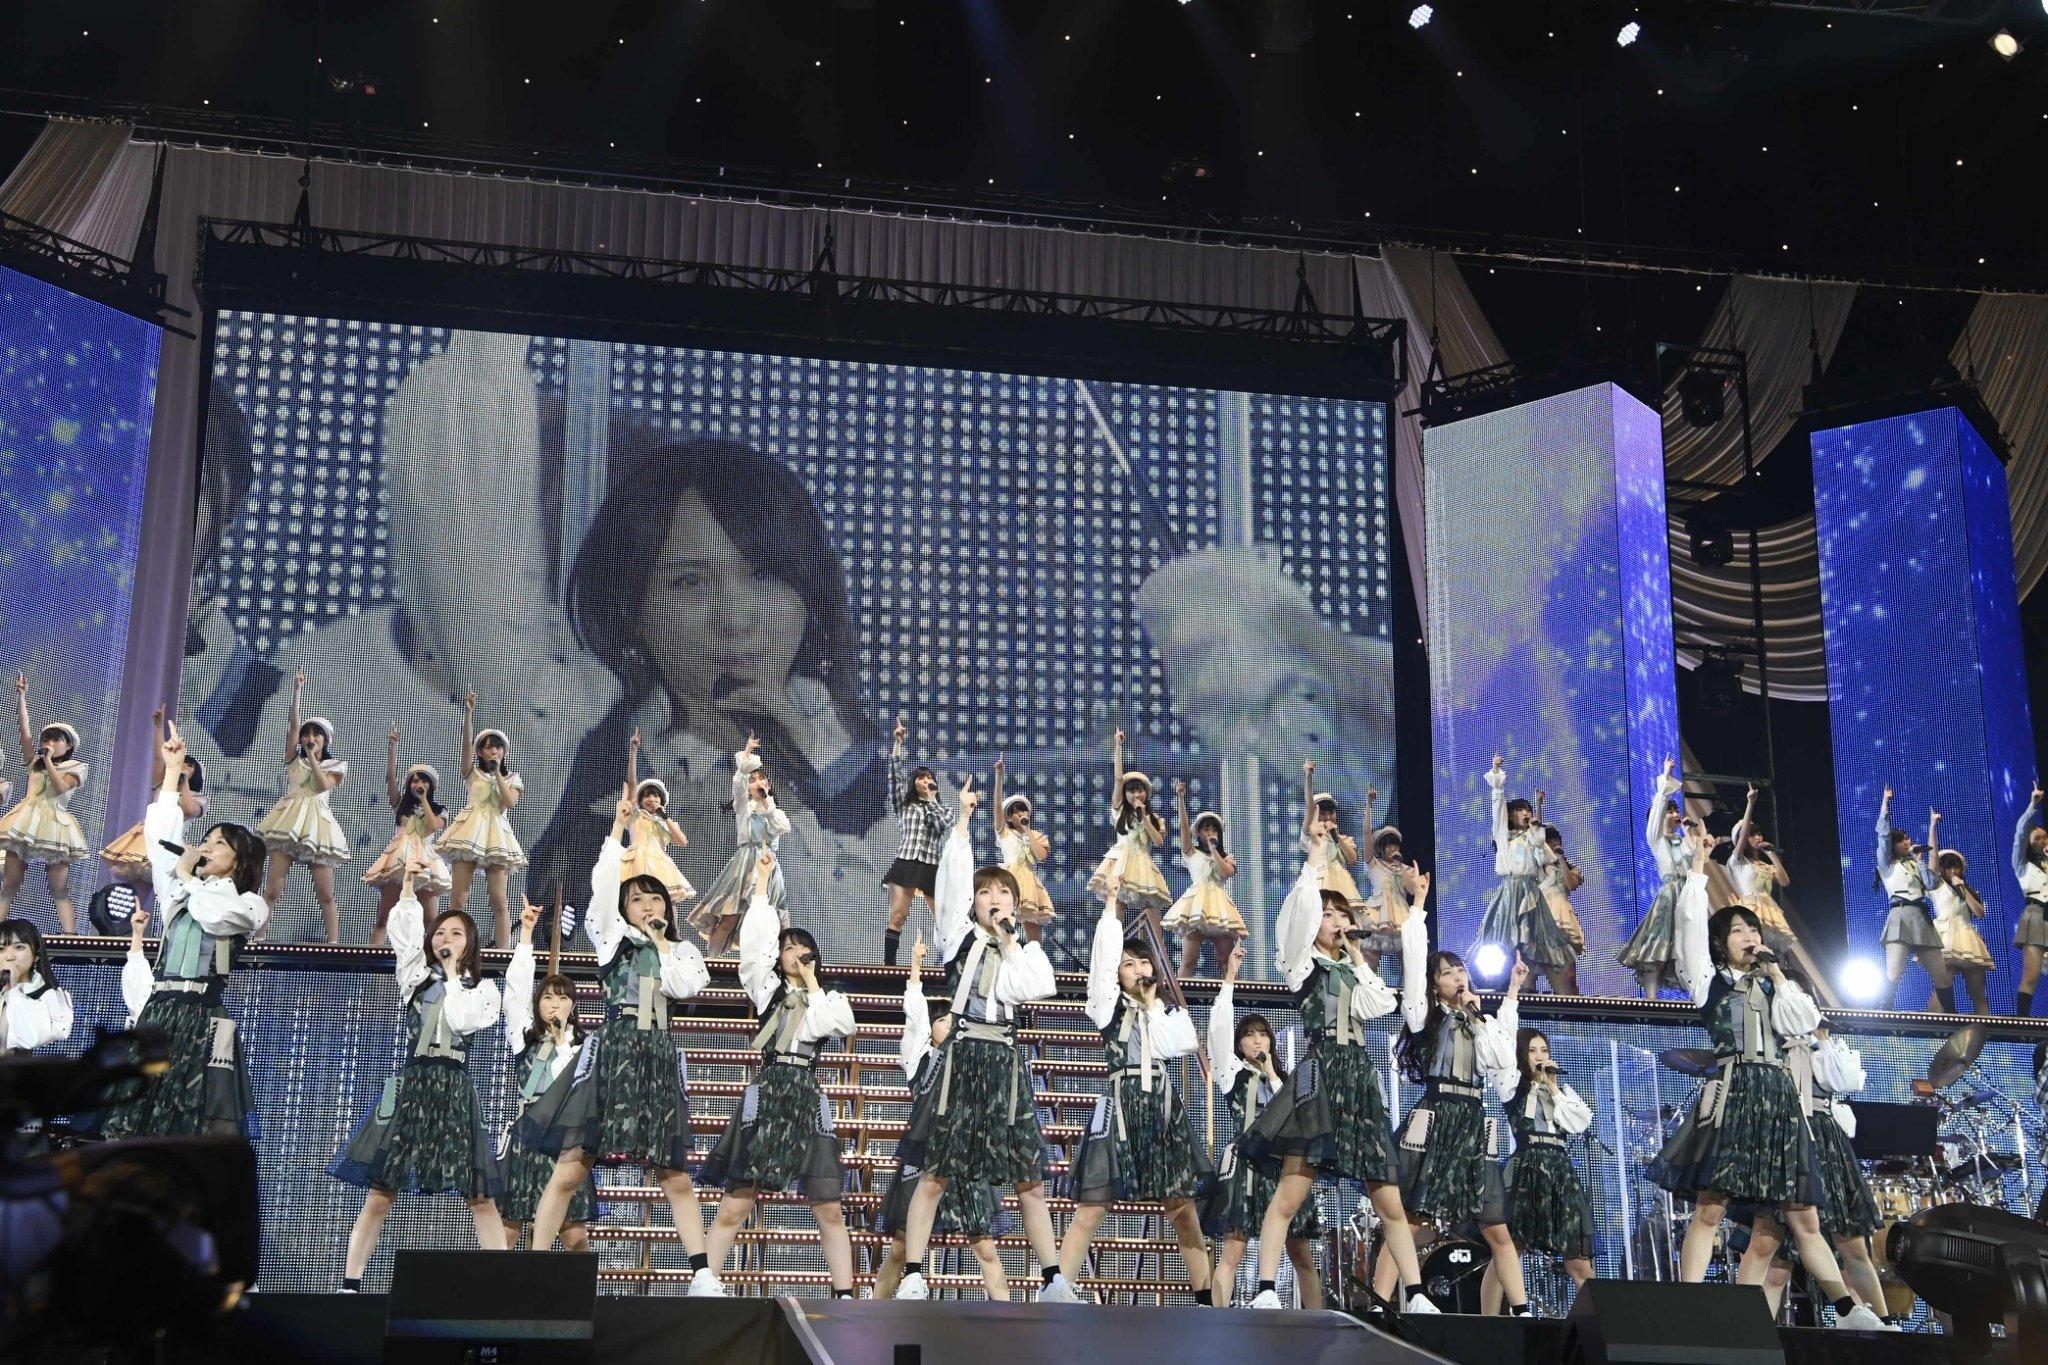 『AKB48単独コンサート~ジャーバージャって何?~』昼公演 (C)AKS